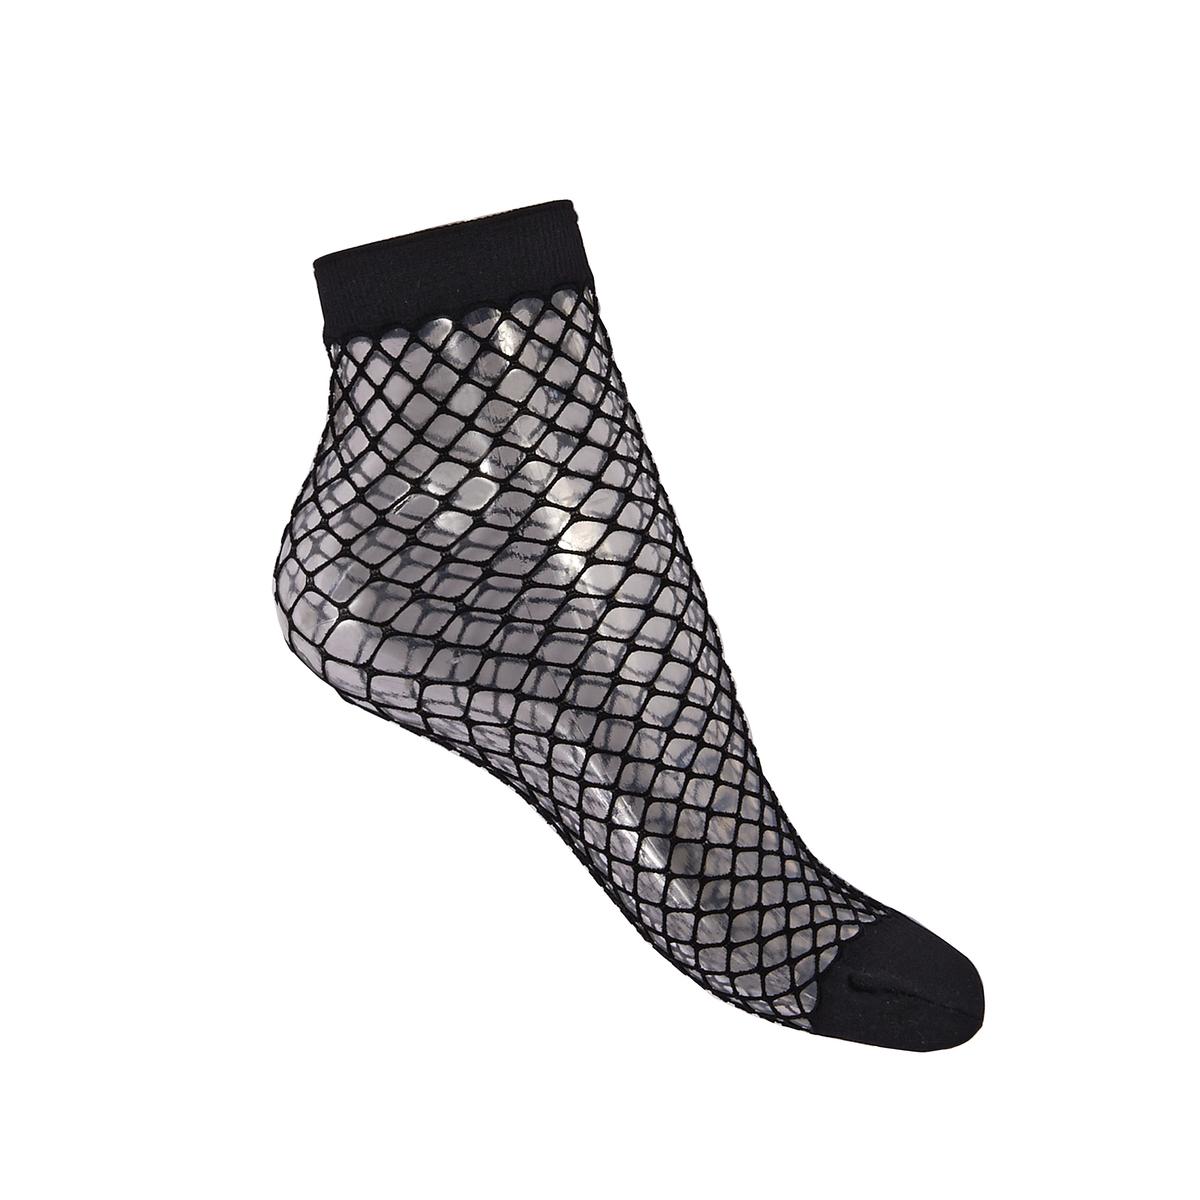 Комплект из 2 пар сетчатых носковОписание:Пара сетчатых носков, очень модных. Усиленный мысок для большего комфорта.Детали •  Усиленный мысокСостав и уход •  Материал : 92% полиамида, 8% эластана. •  Машинная стирка при 30°C в деликатном режиме, желательно с защитном чехле.<br><br>Цвет: черный<br>Размер: 35/41